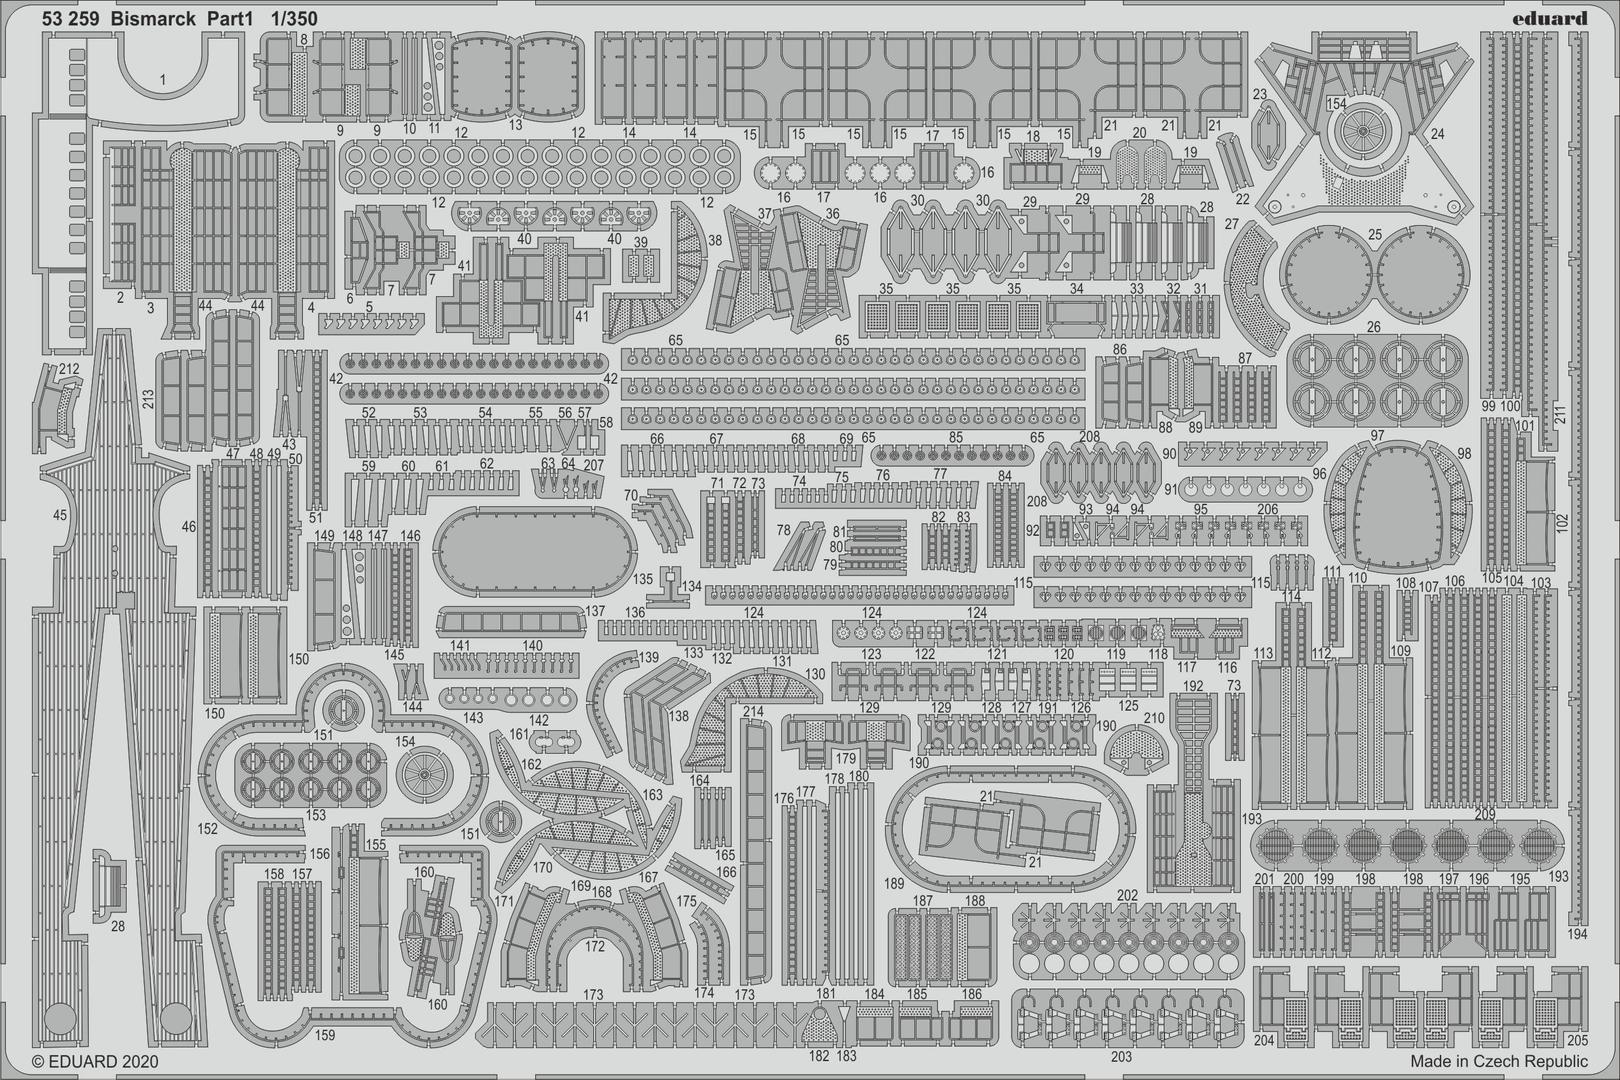 DKM Bismarck (Trumpeter 1/350 + PE Eduard) par horos - Page 4 53259(2)_z1